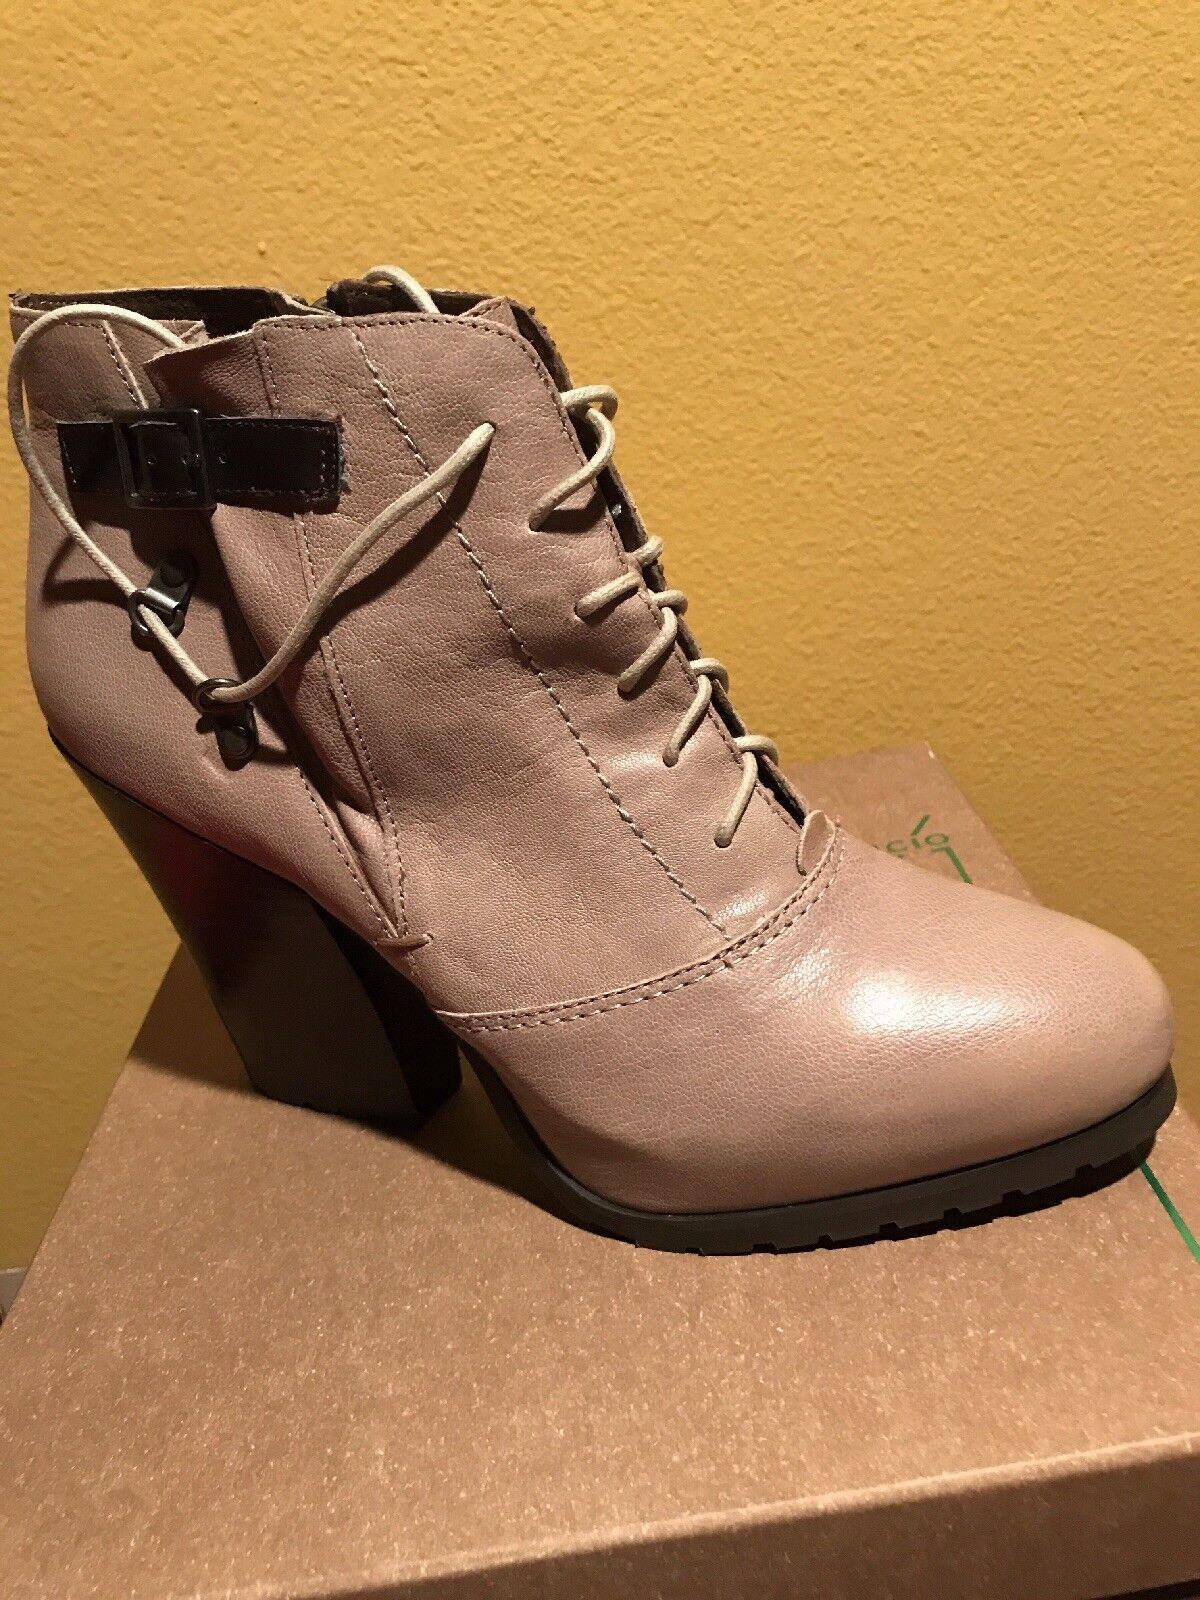 Bacio 61 61 61  Pesanti Women's Ankle Boot - NIB -Size 9 a9f5fa